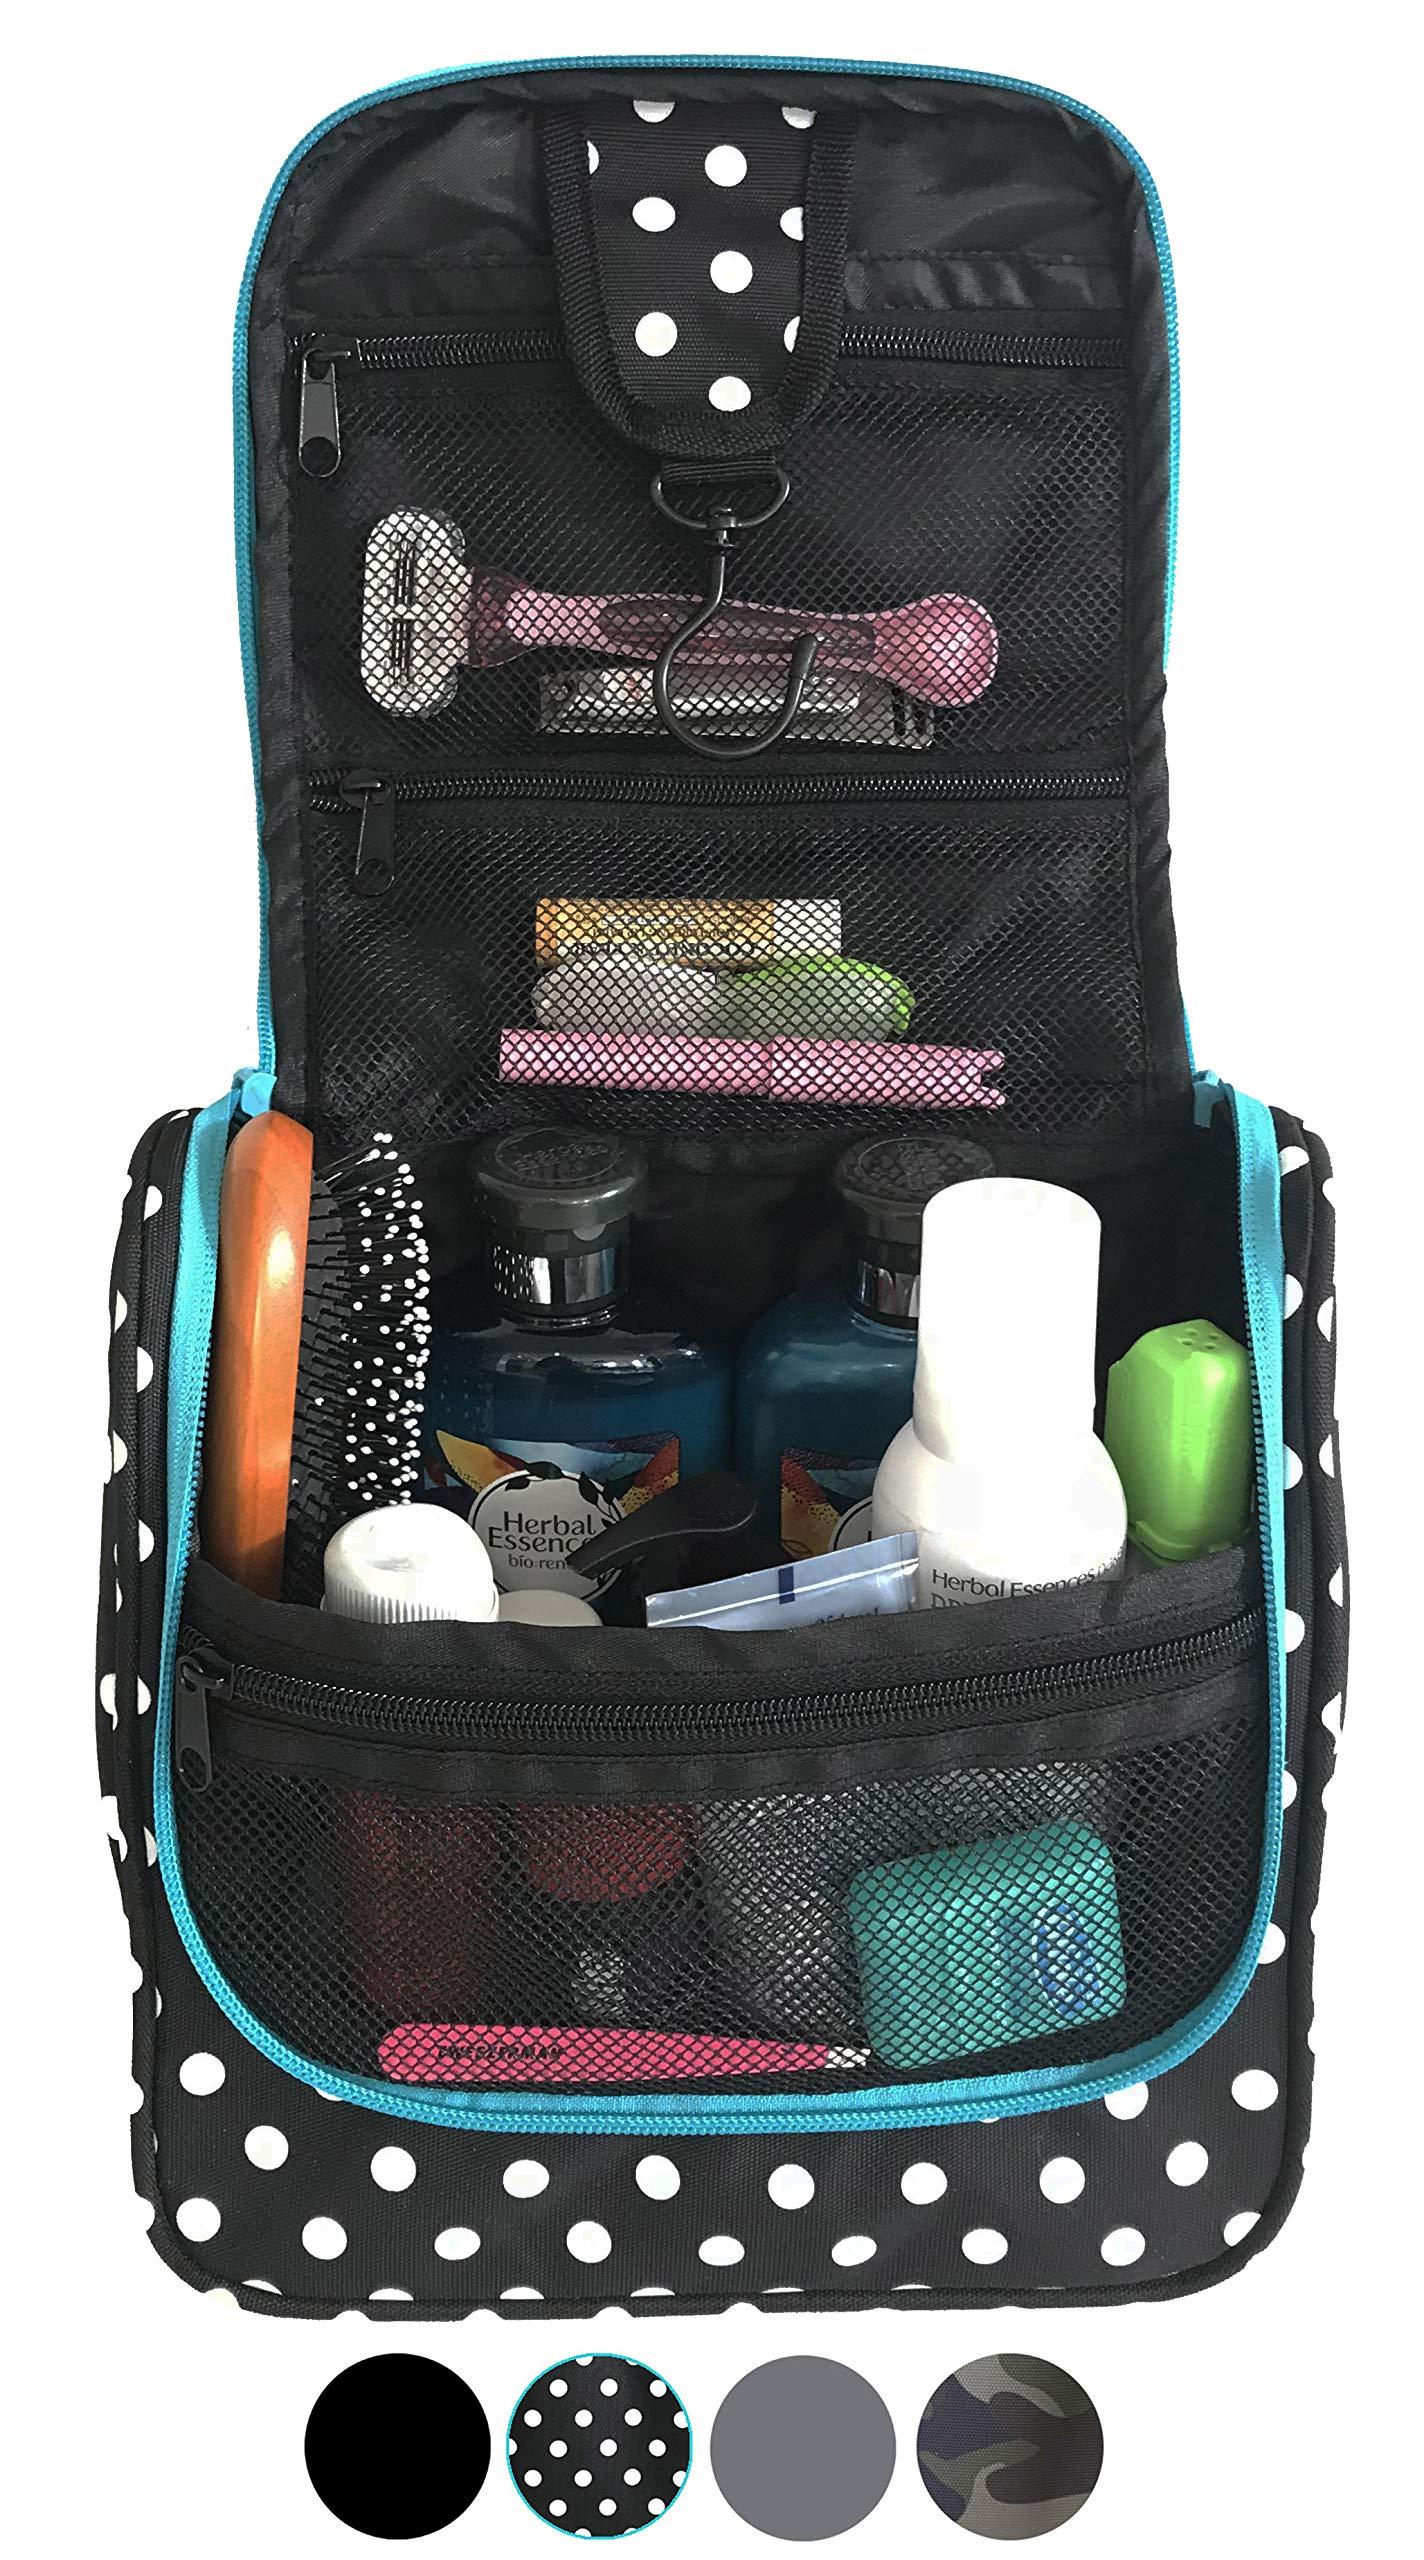 WAYFARER SUPPLY Hanging Toiletry Bag: Pack-it-flat Travel Kit, Black and White Polka Dot